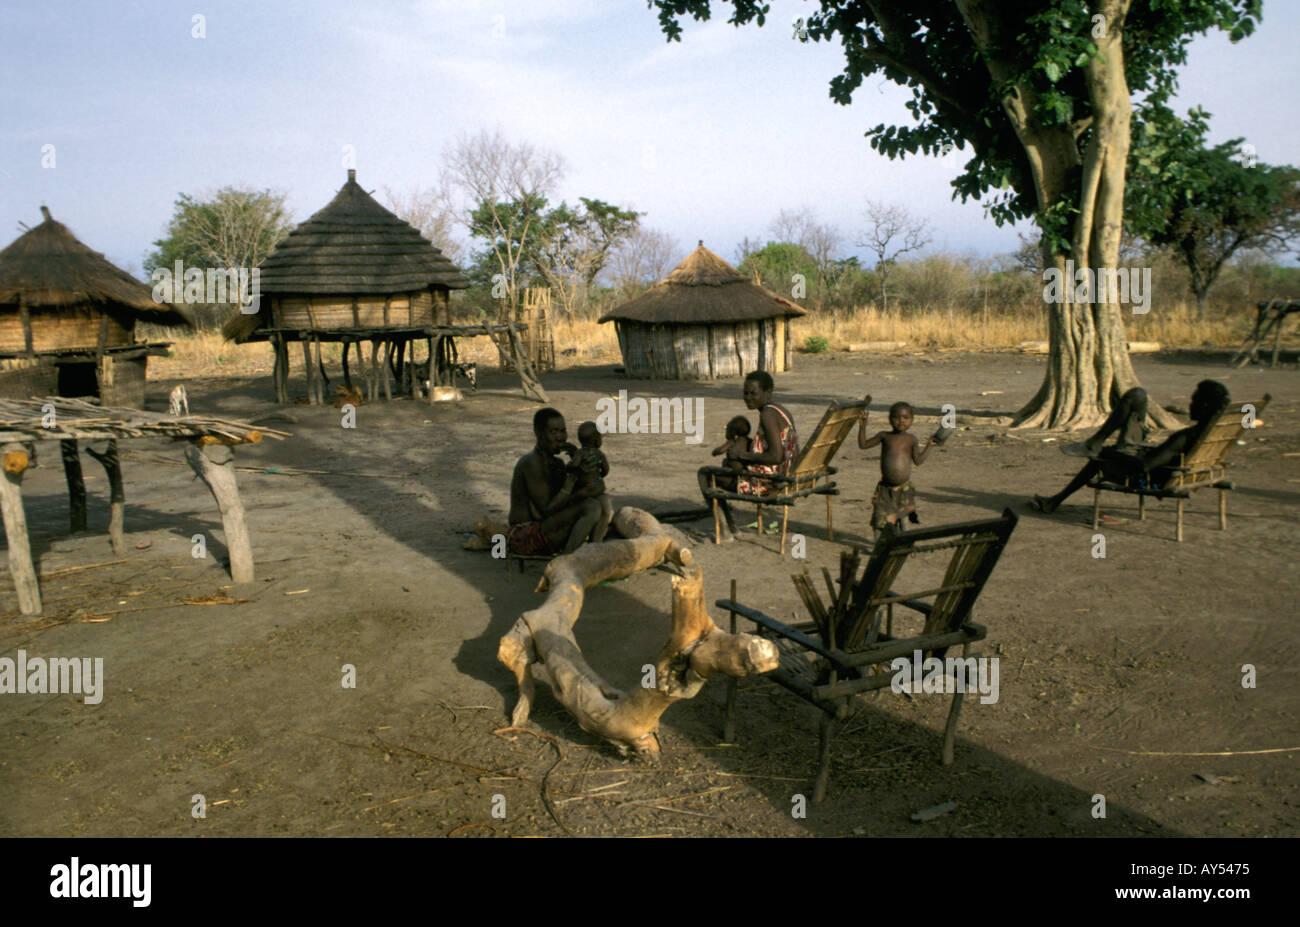 Dinka family having rest - Stock Image